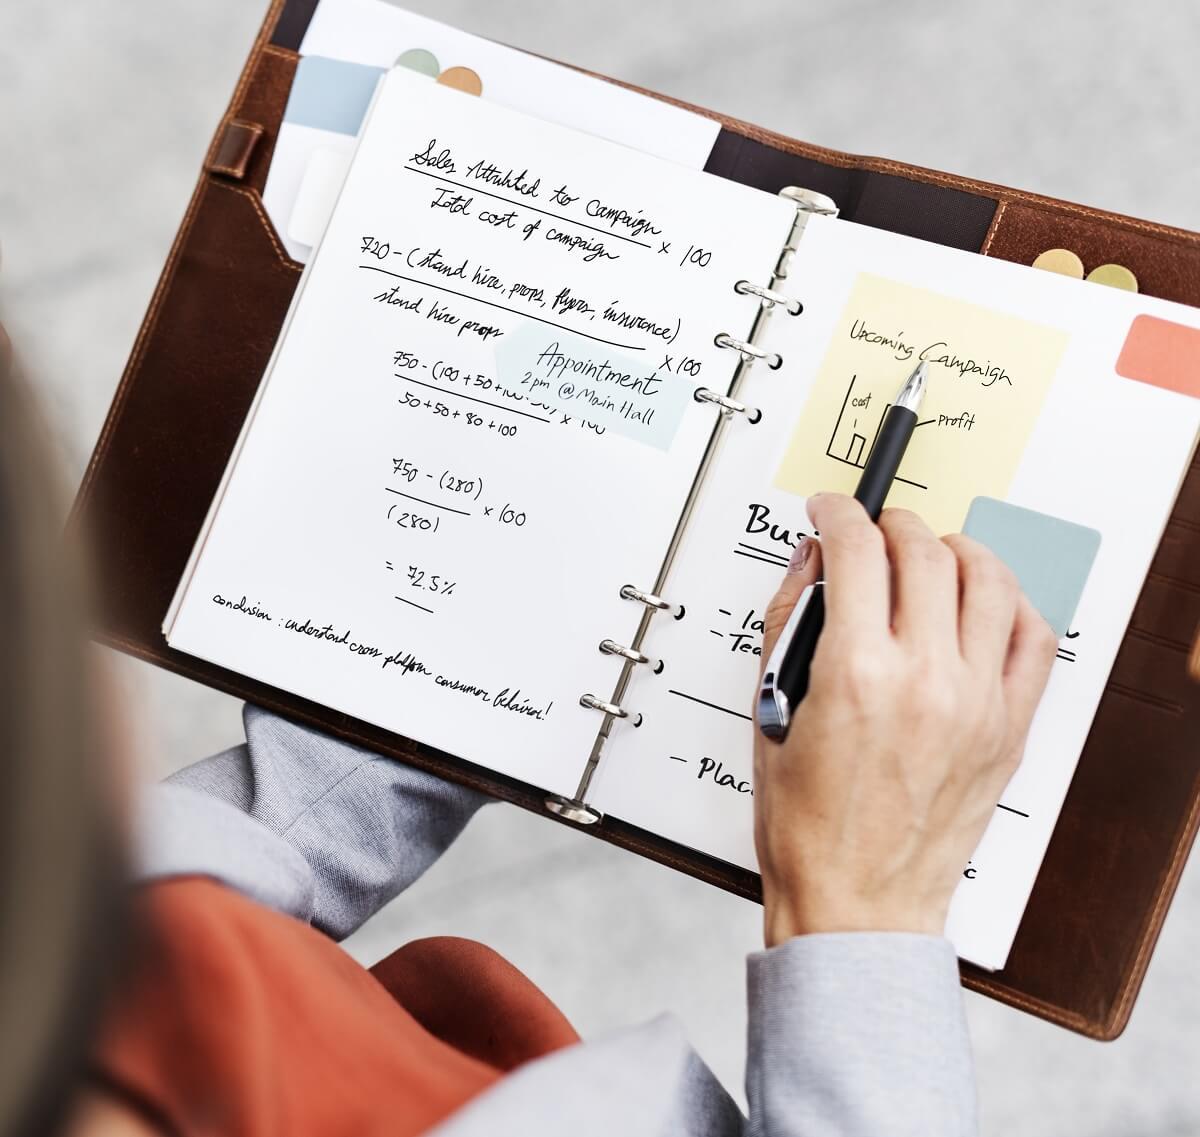 手帳に予定を計画している様子。